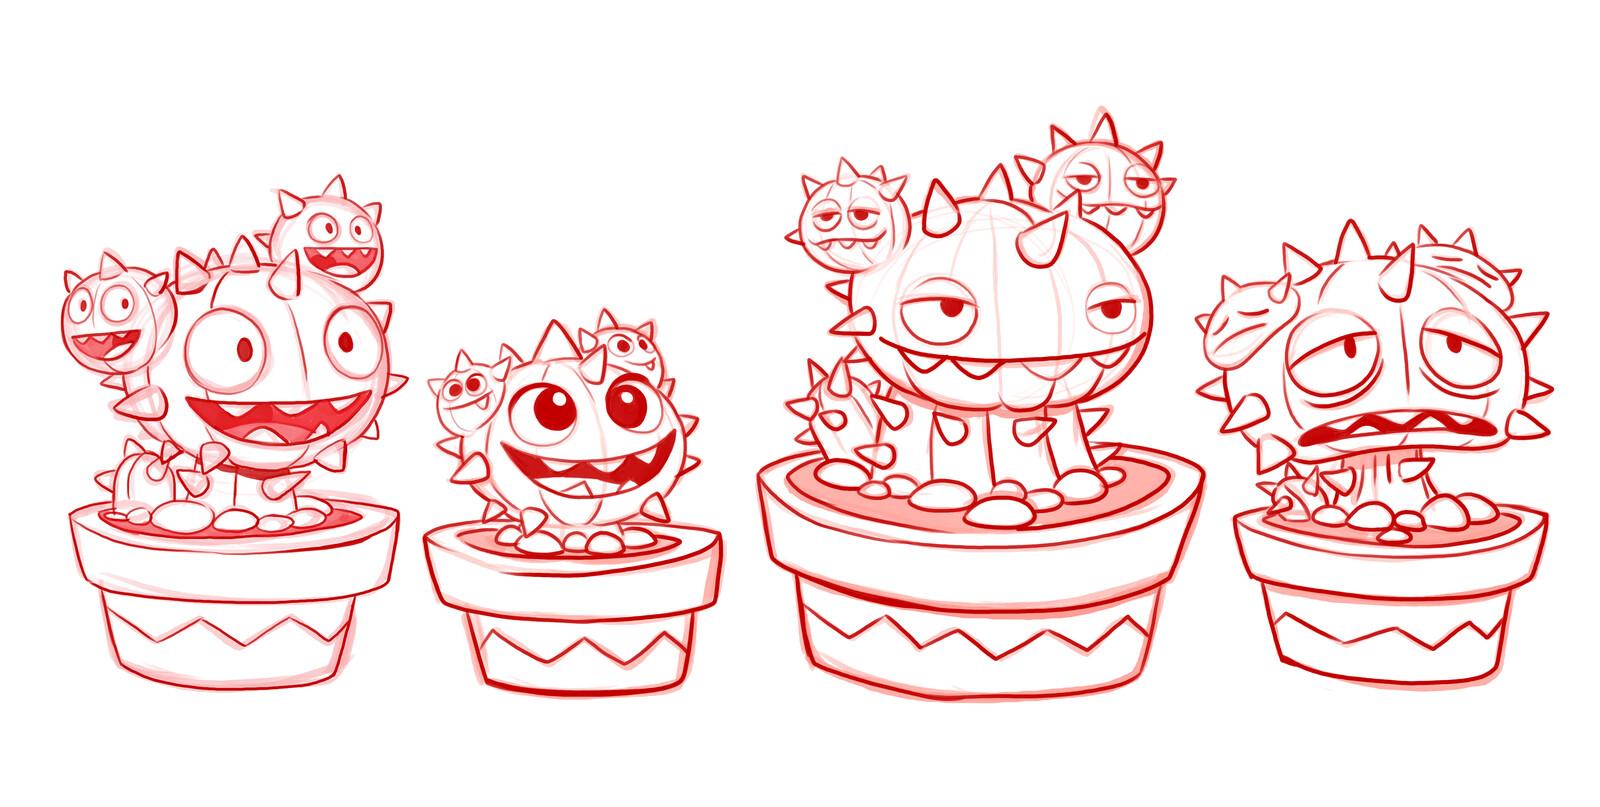 Cacti Control Art